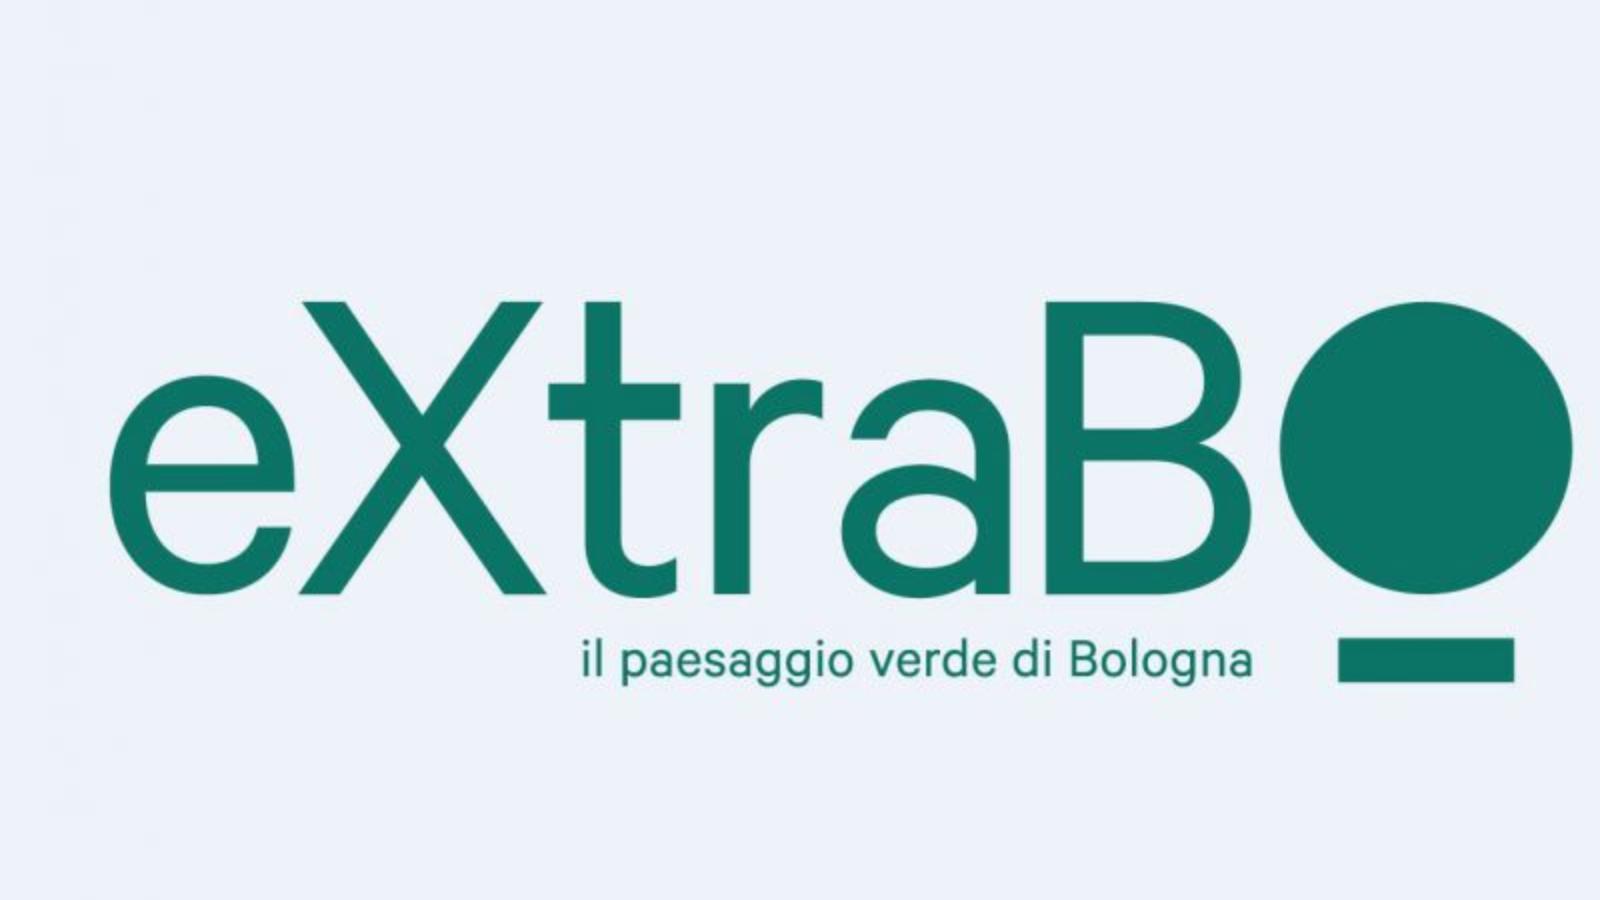 eXtraBO - Il paesaggio verde di Bologna